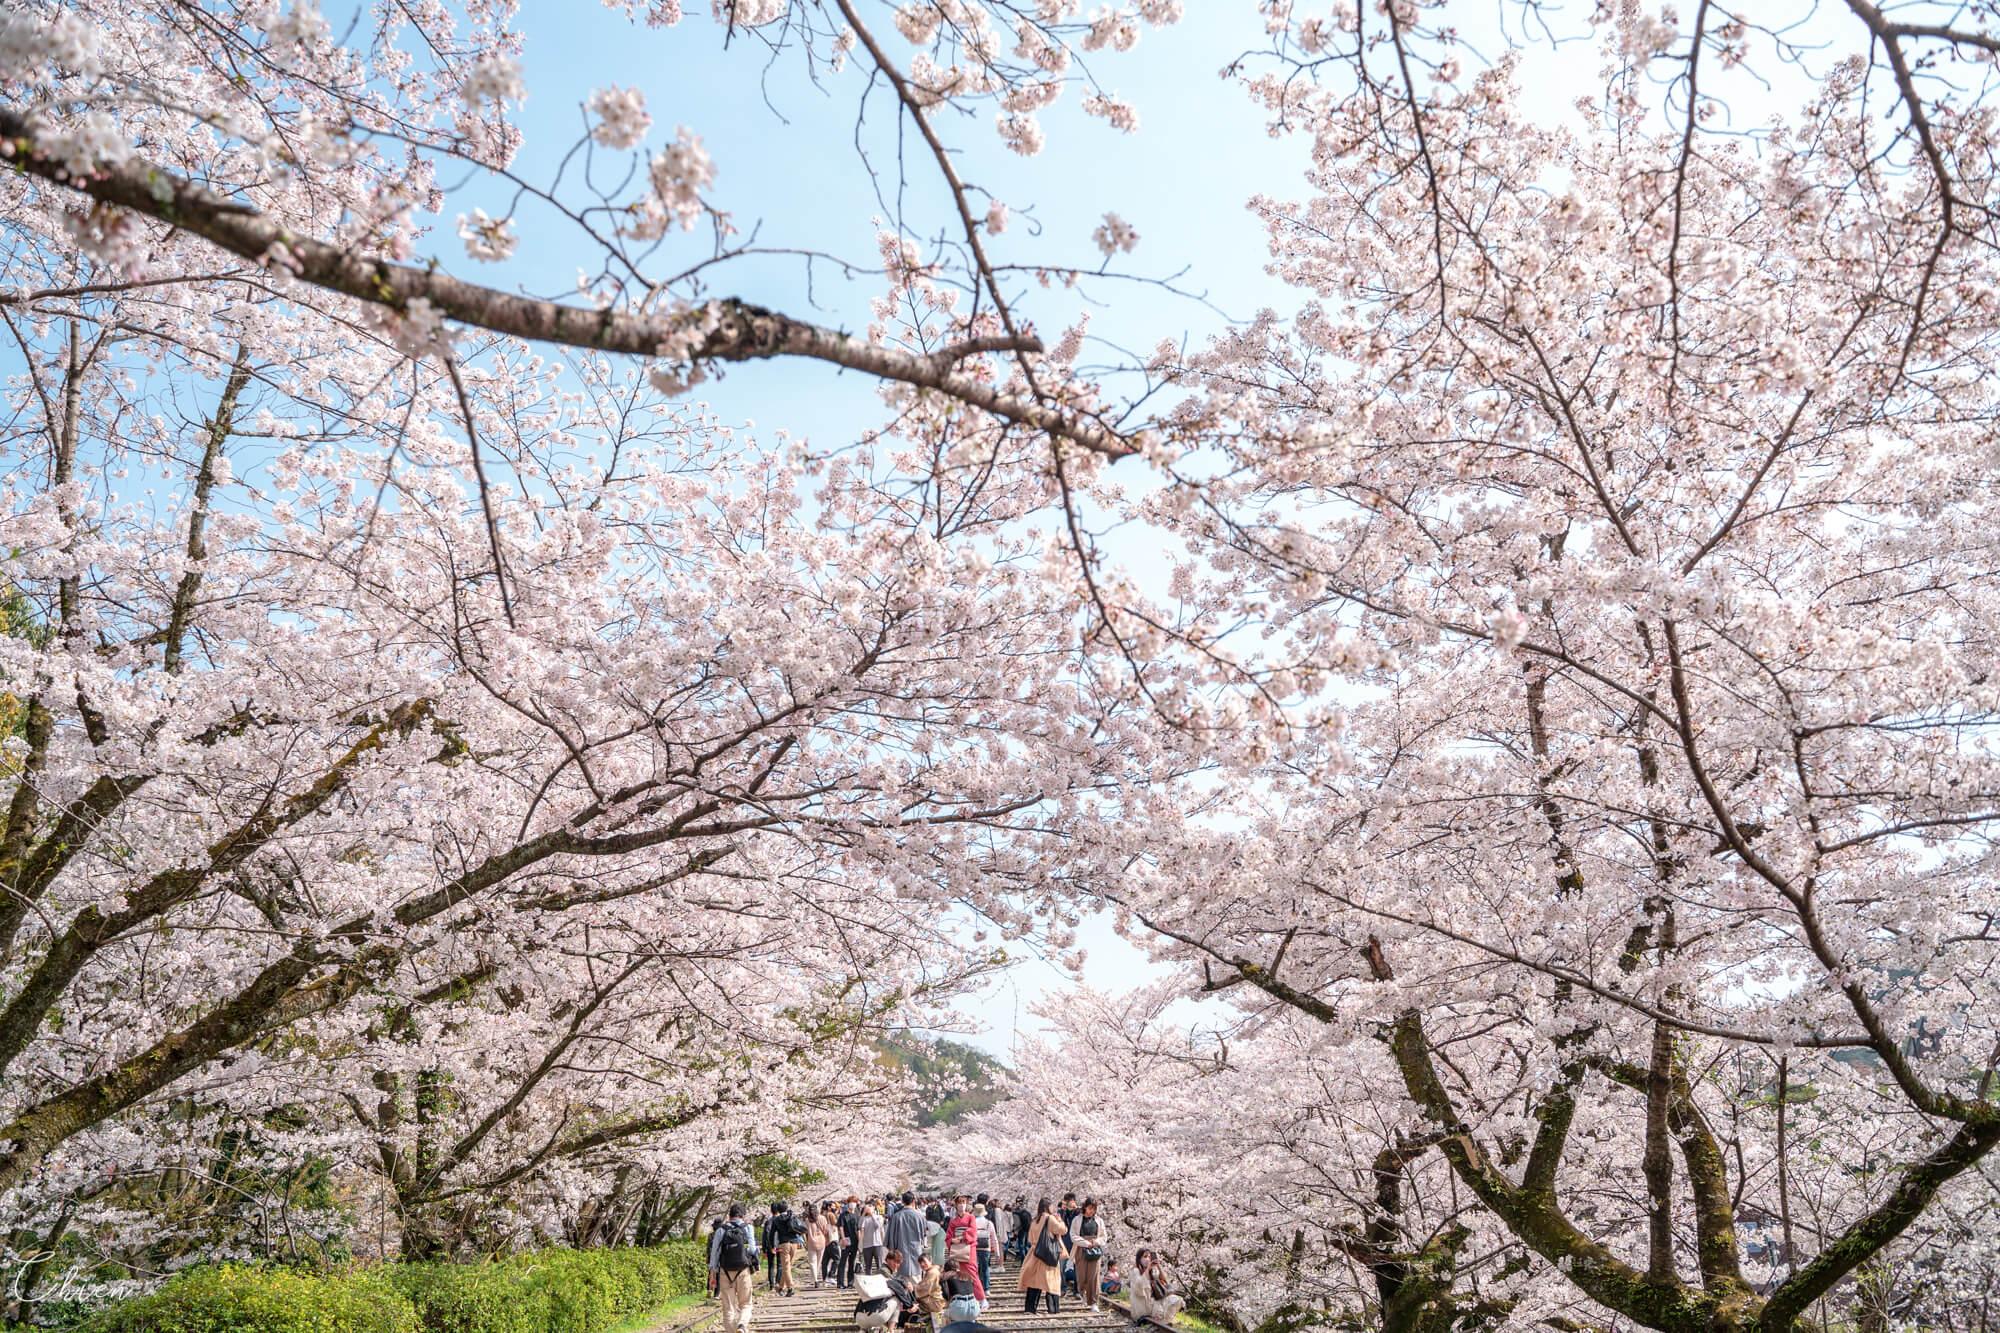 京都賞櫻景點 蹴上鐵道櫻花散步道